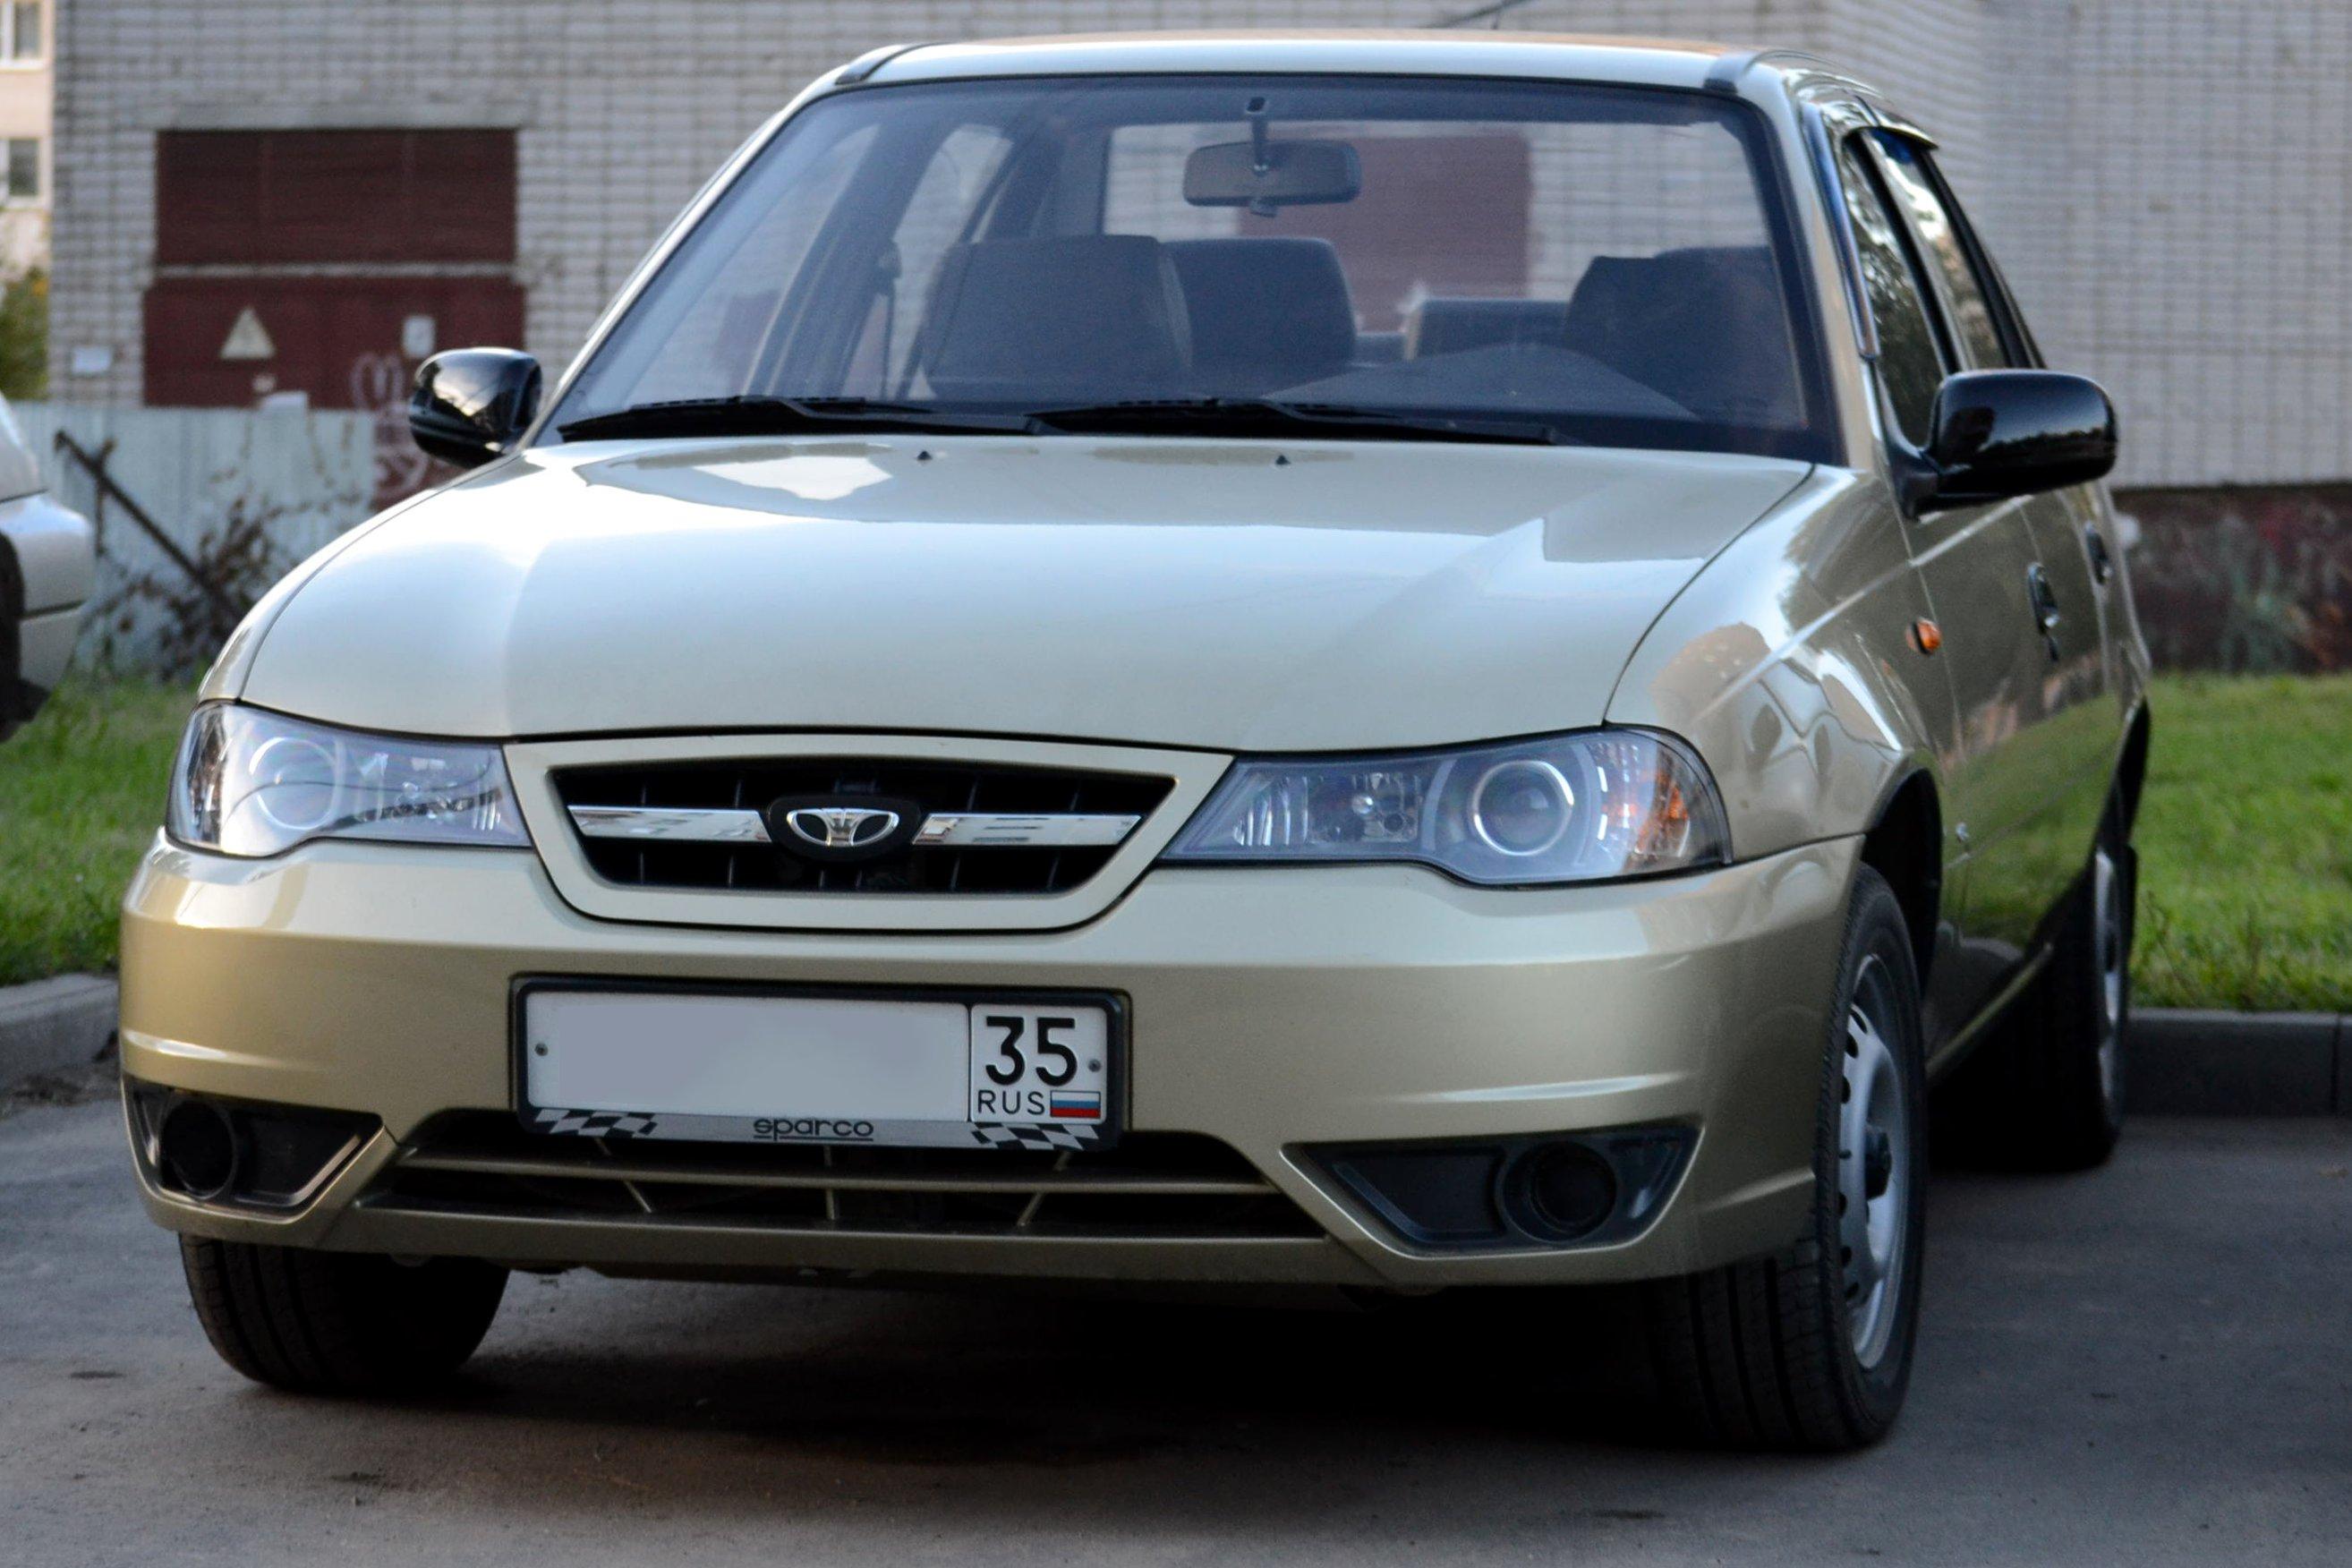 ТОП-7 авто вРФ до 100 000 руб.